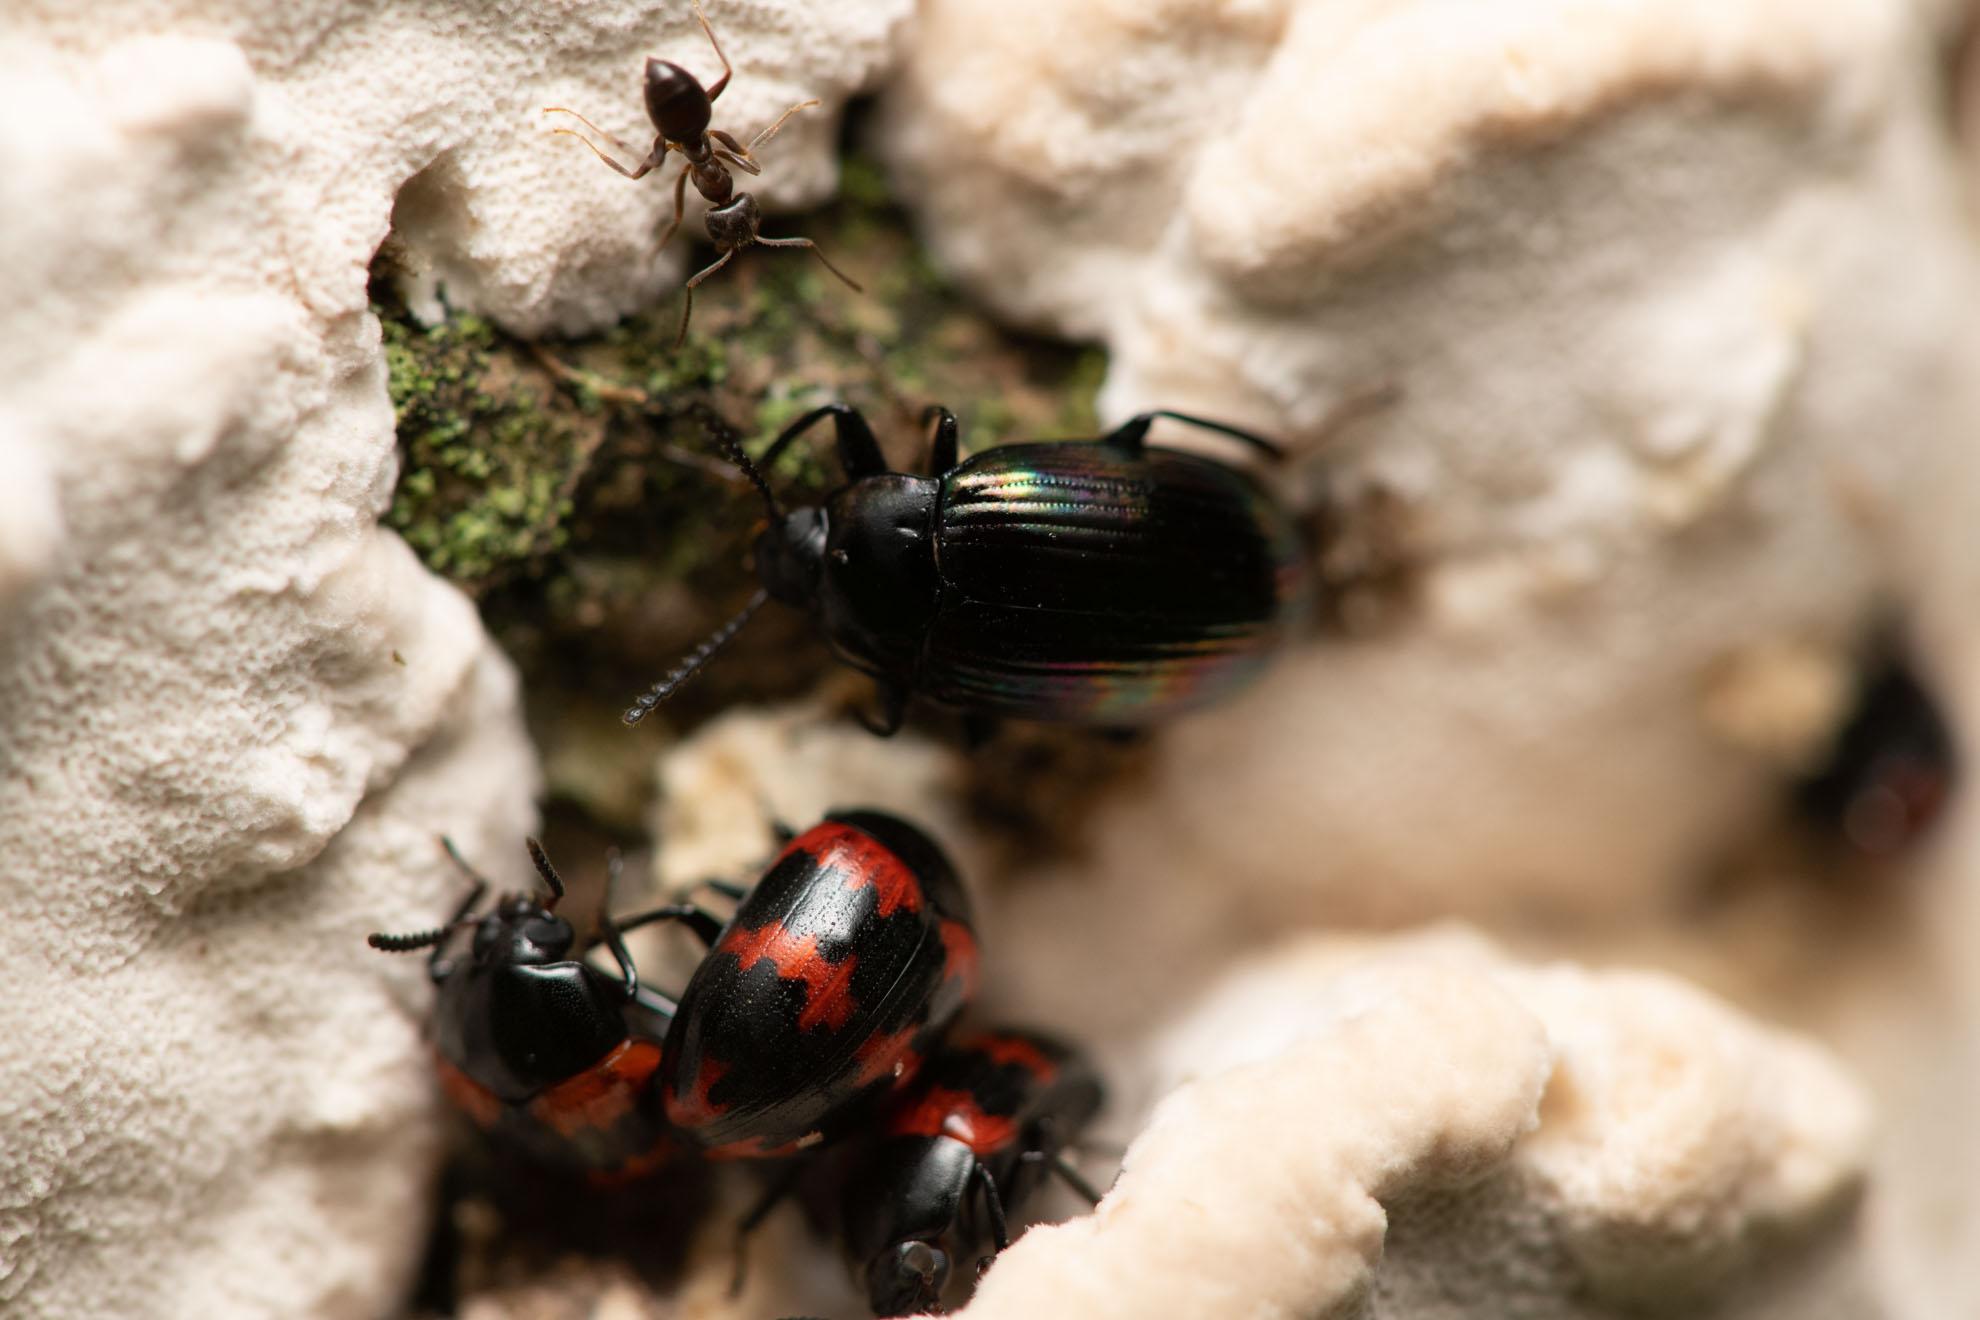 虹色の甲虫のニジゴミムシダマシとモンキゴミムシダマシ